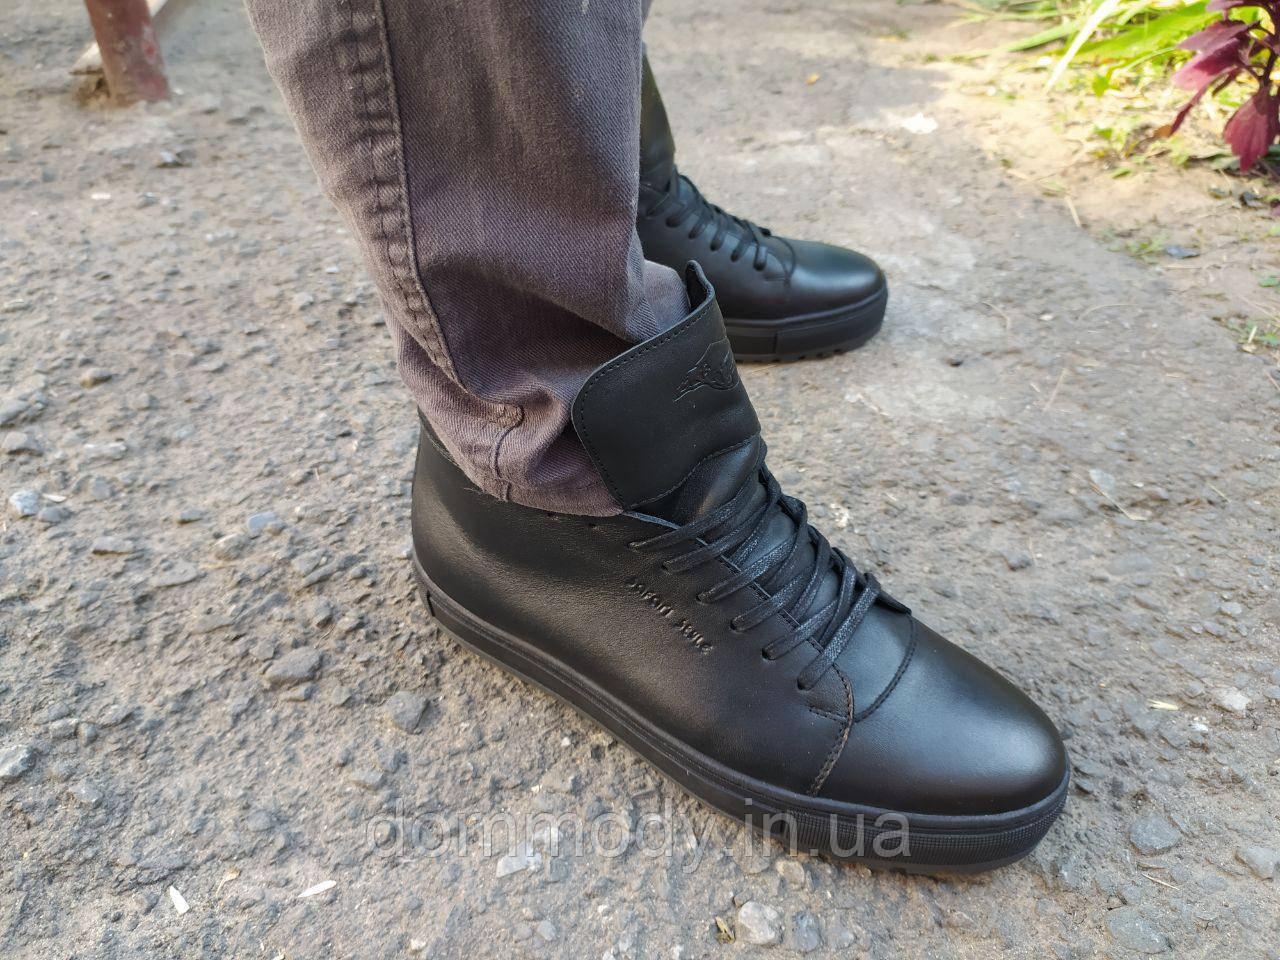 Ботинки зимние мужские черного цвета